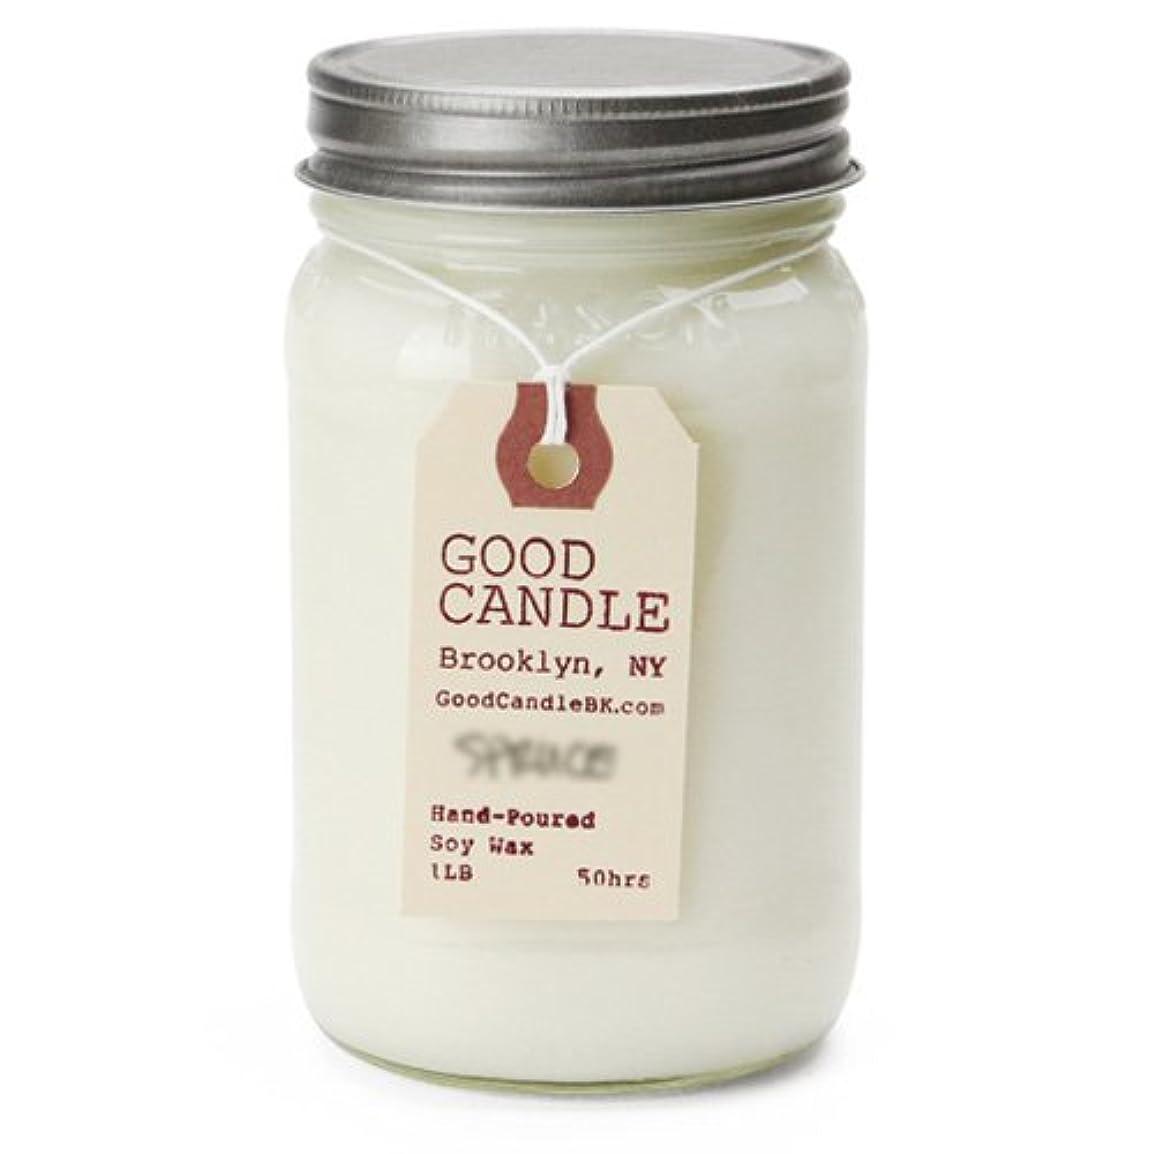 謝る素晴らしきブロックするグッドキャンドル 1ポンド メイソンジャー キャンドル Good Candle 1LB Mason jar candle [ Spruce ] 正規品